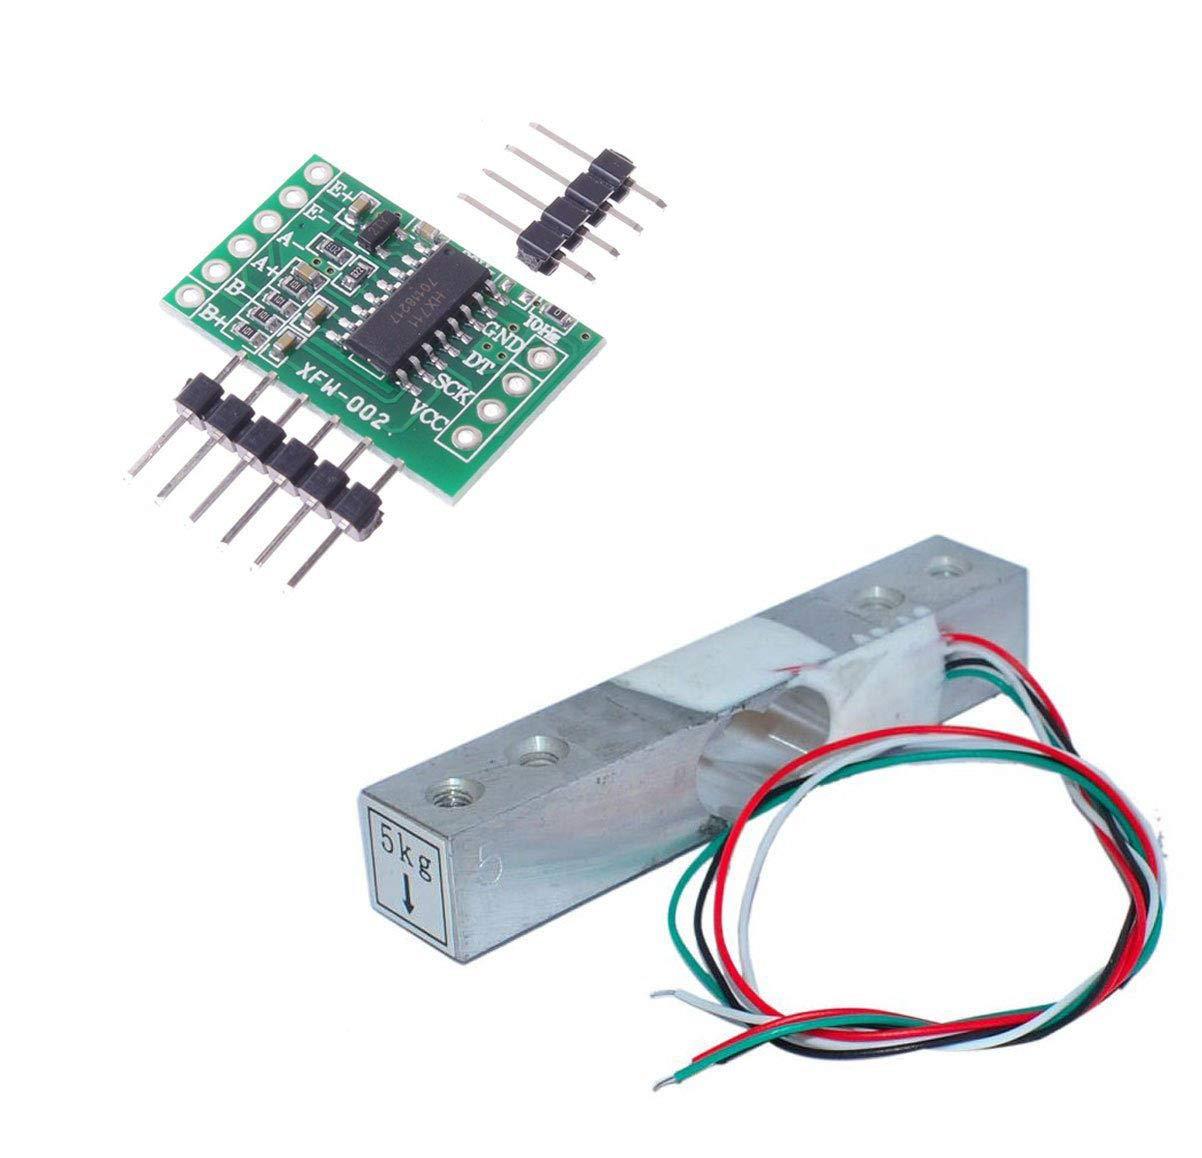 Aihasd Cella di carico digitale Sensore di peso 5KG Scala di cucina elettronica portatile + HX711 Sensori di pesatura Modulo Ad Per Arduino AX Electronic 531619134162-0